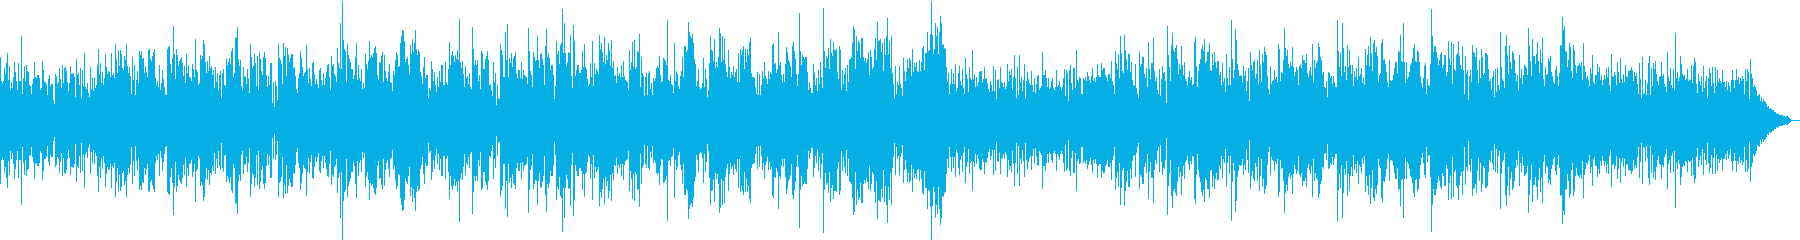 おしゃれなエレキバイオリンフュージョンの再生済みの波形